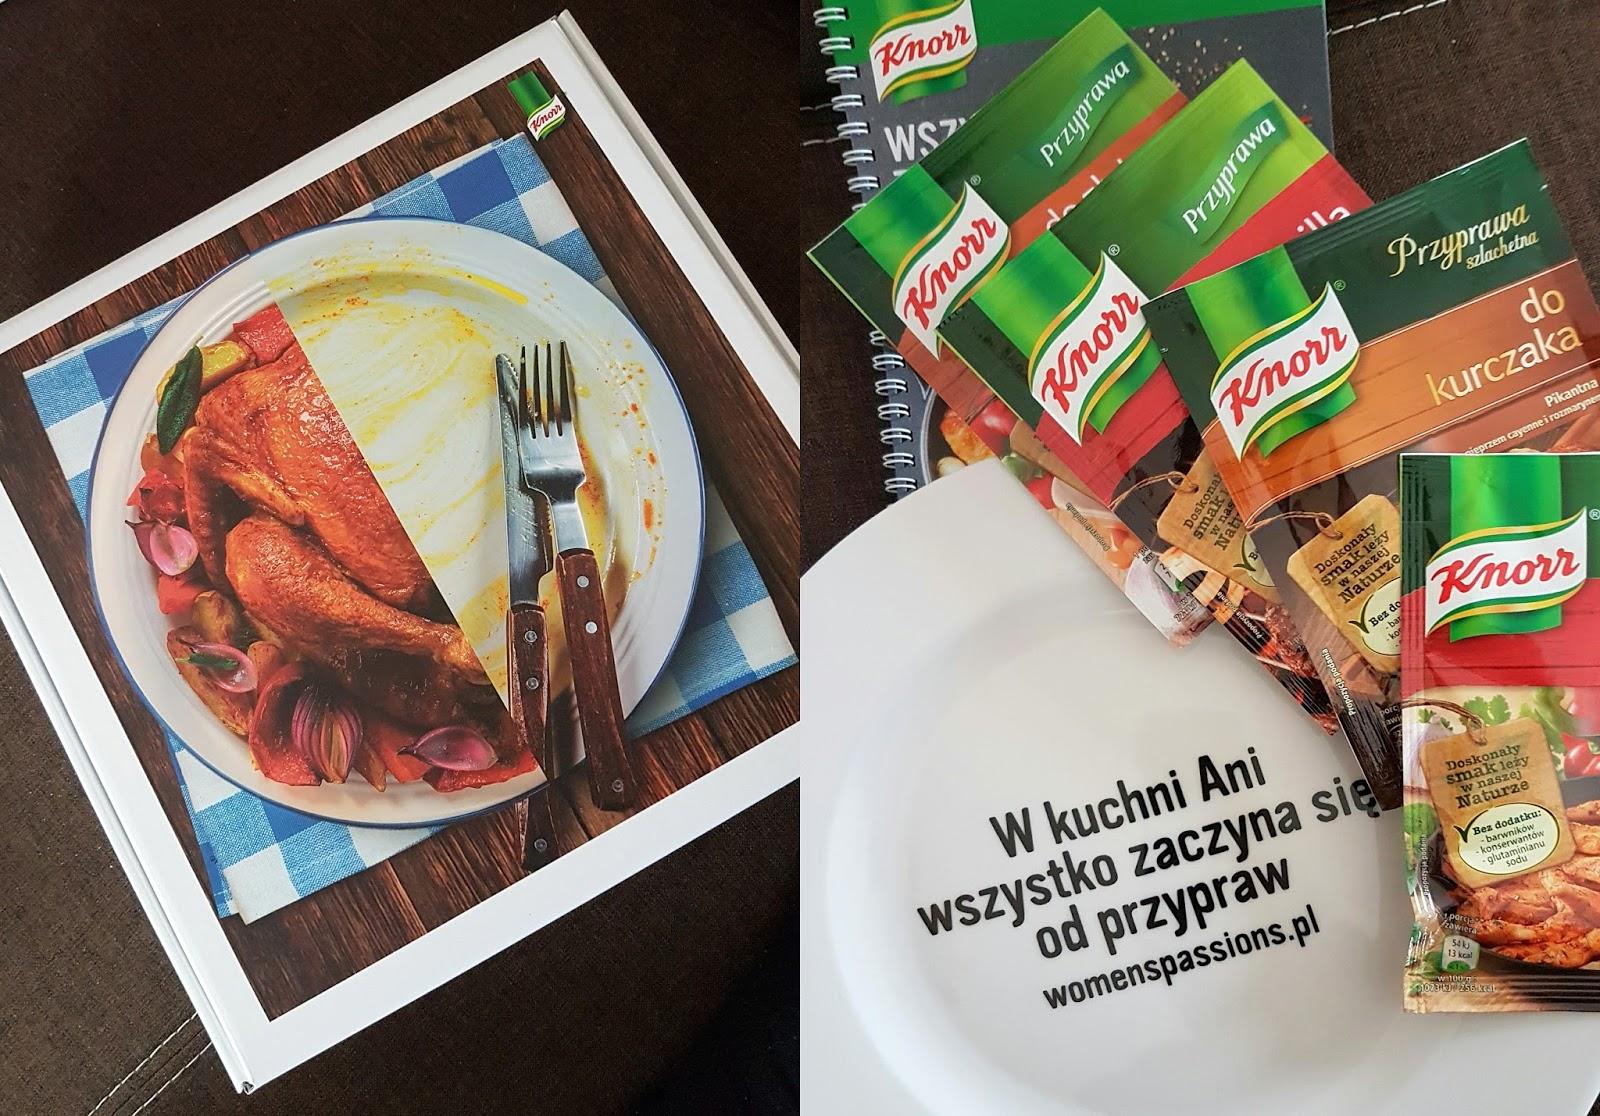 Womens Passions Knorr Bo W Mojej Kuchni Wszystko Zaczyna